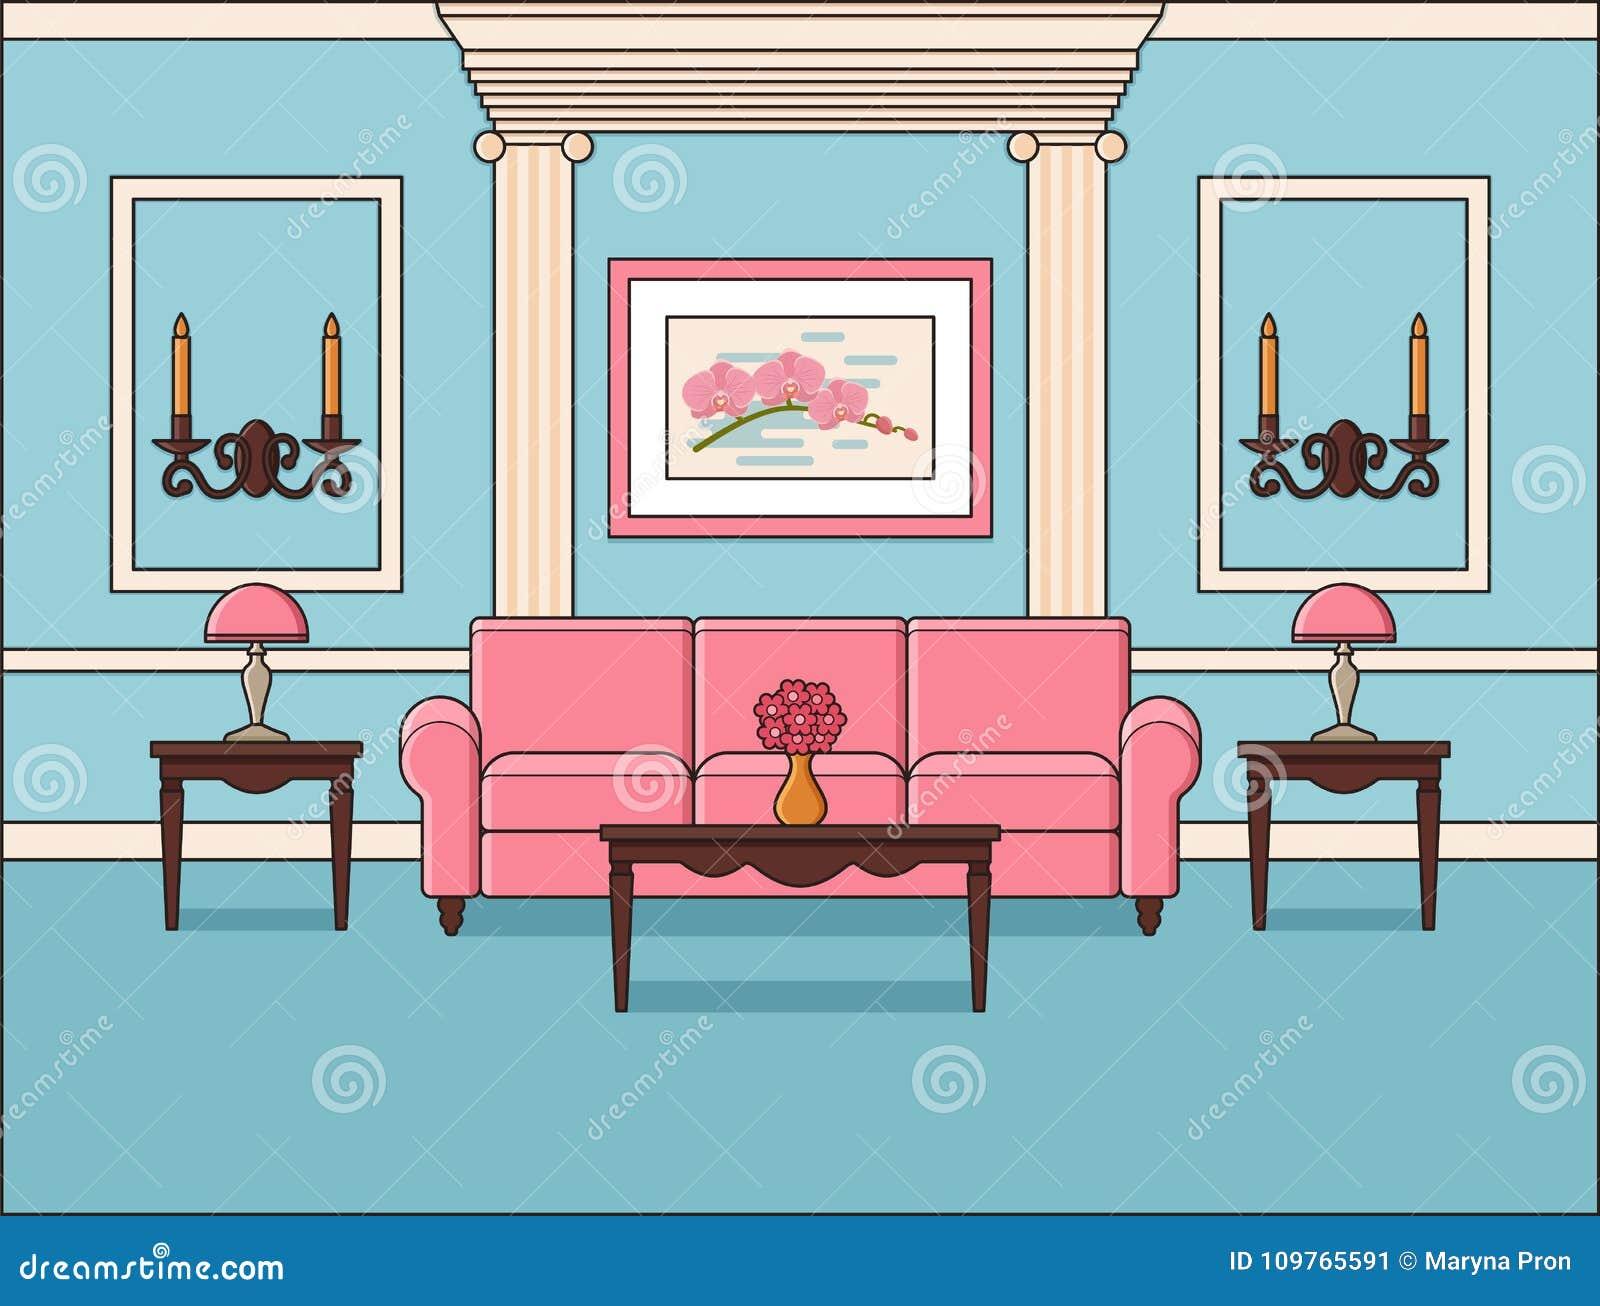 Living Room Flat Interior In Line Art Vector Illustration